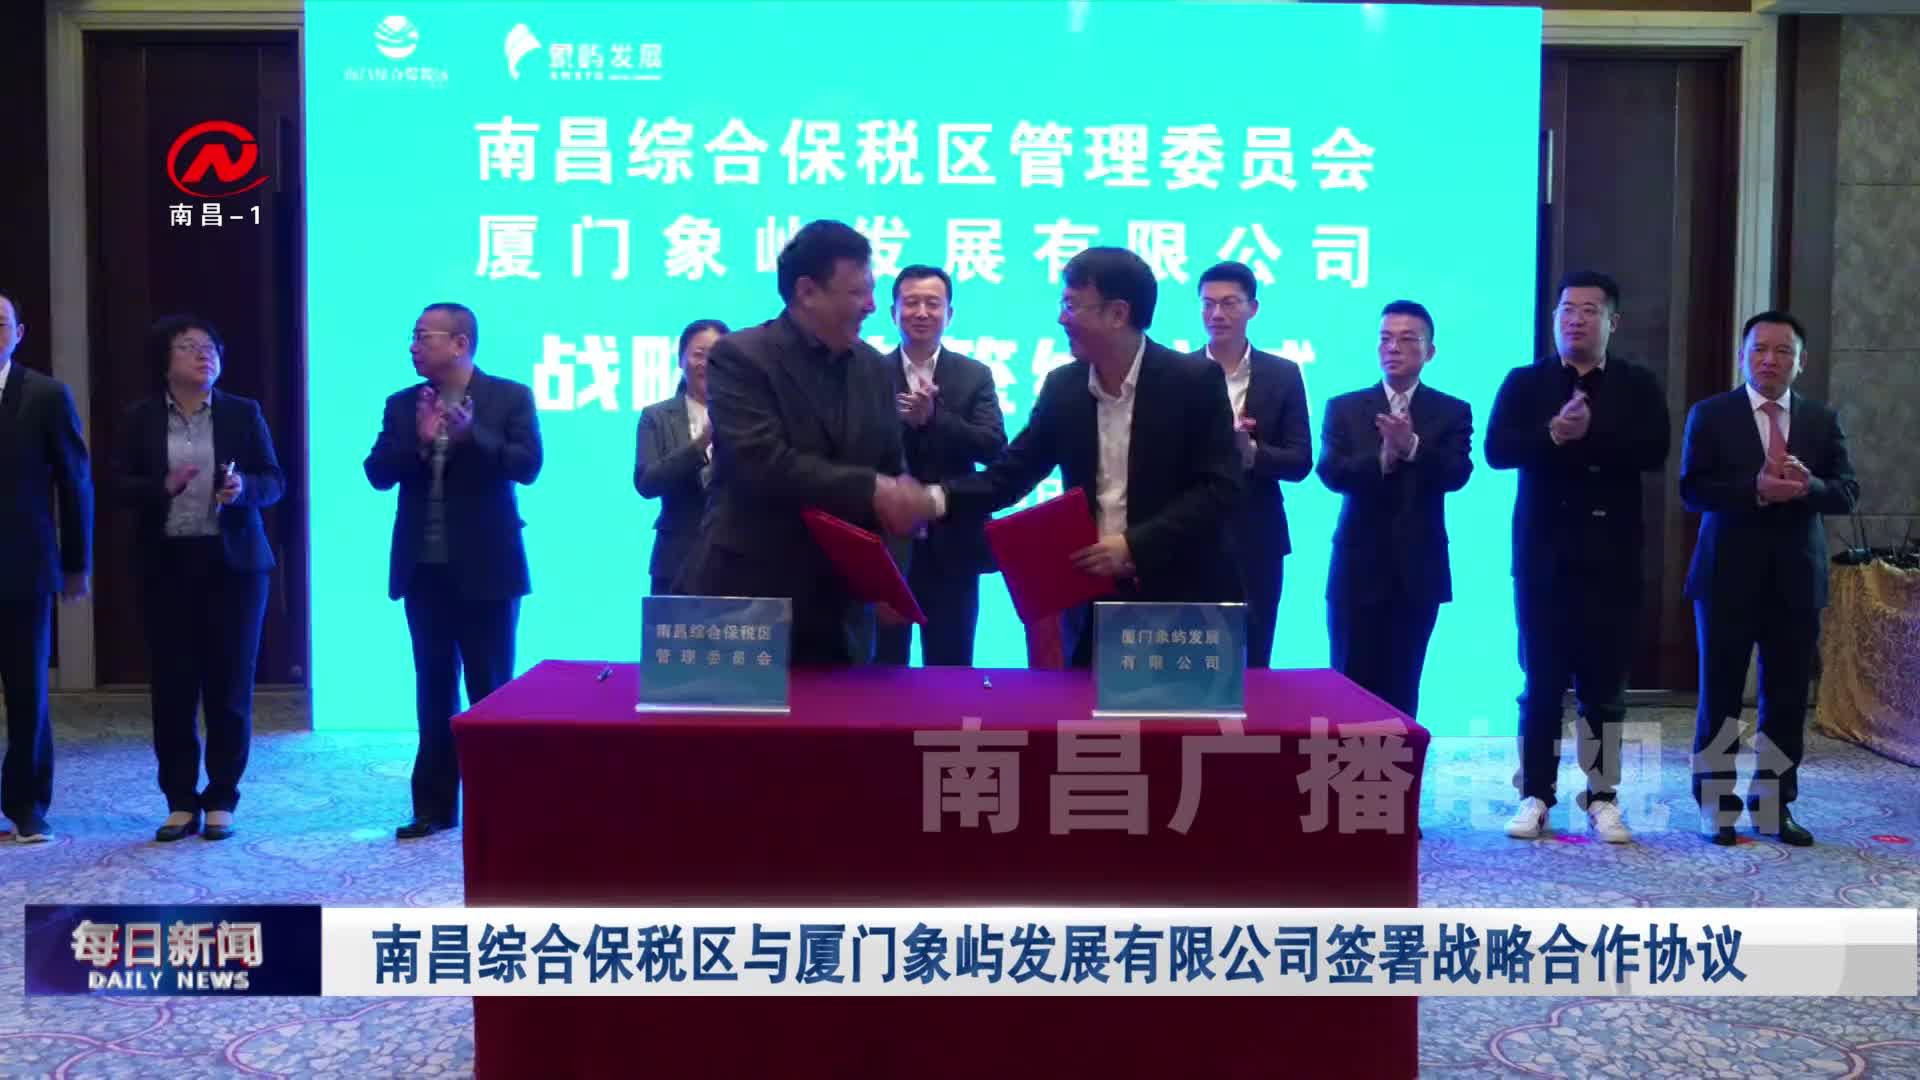 南昌綜合保稅區與廈門象嶼發展有限公司簽署戰略合作協議